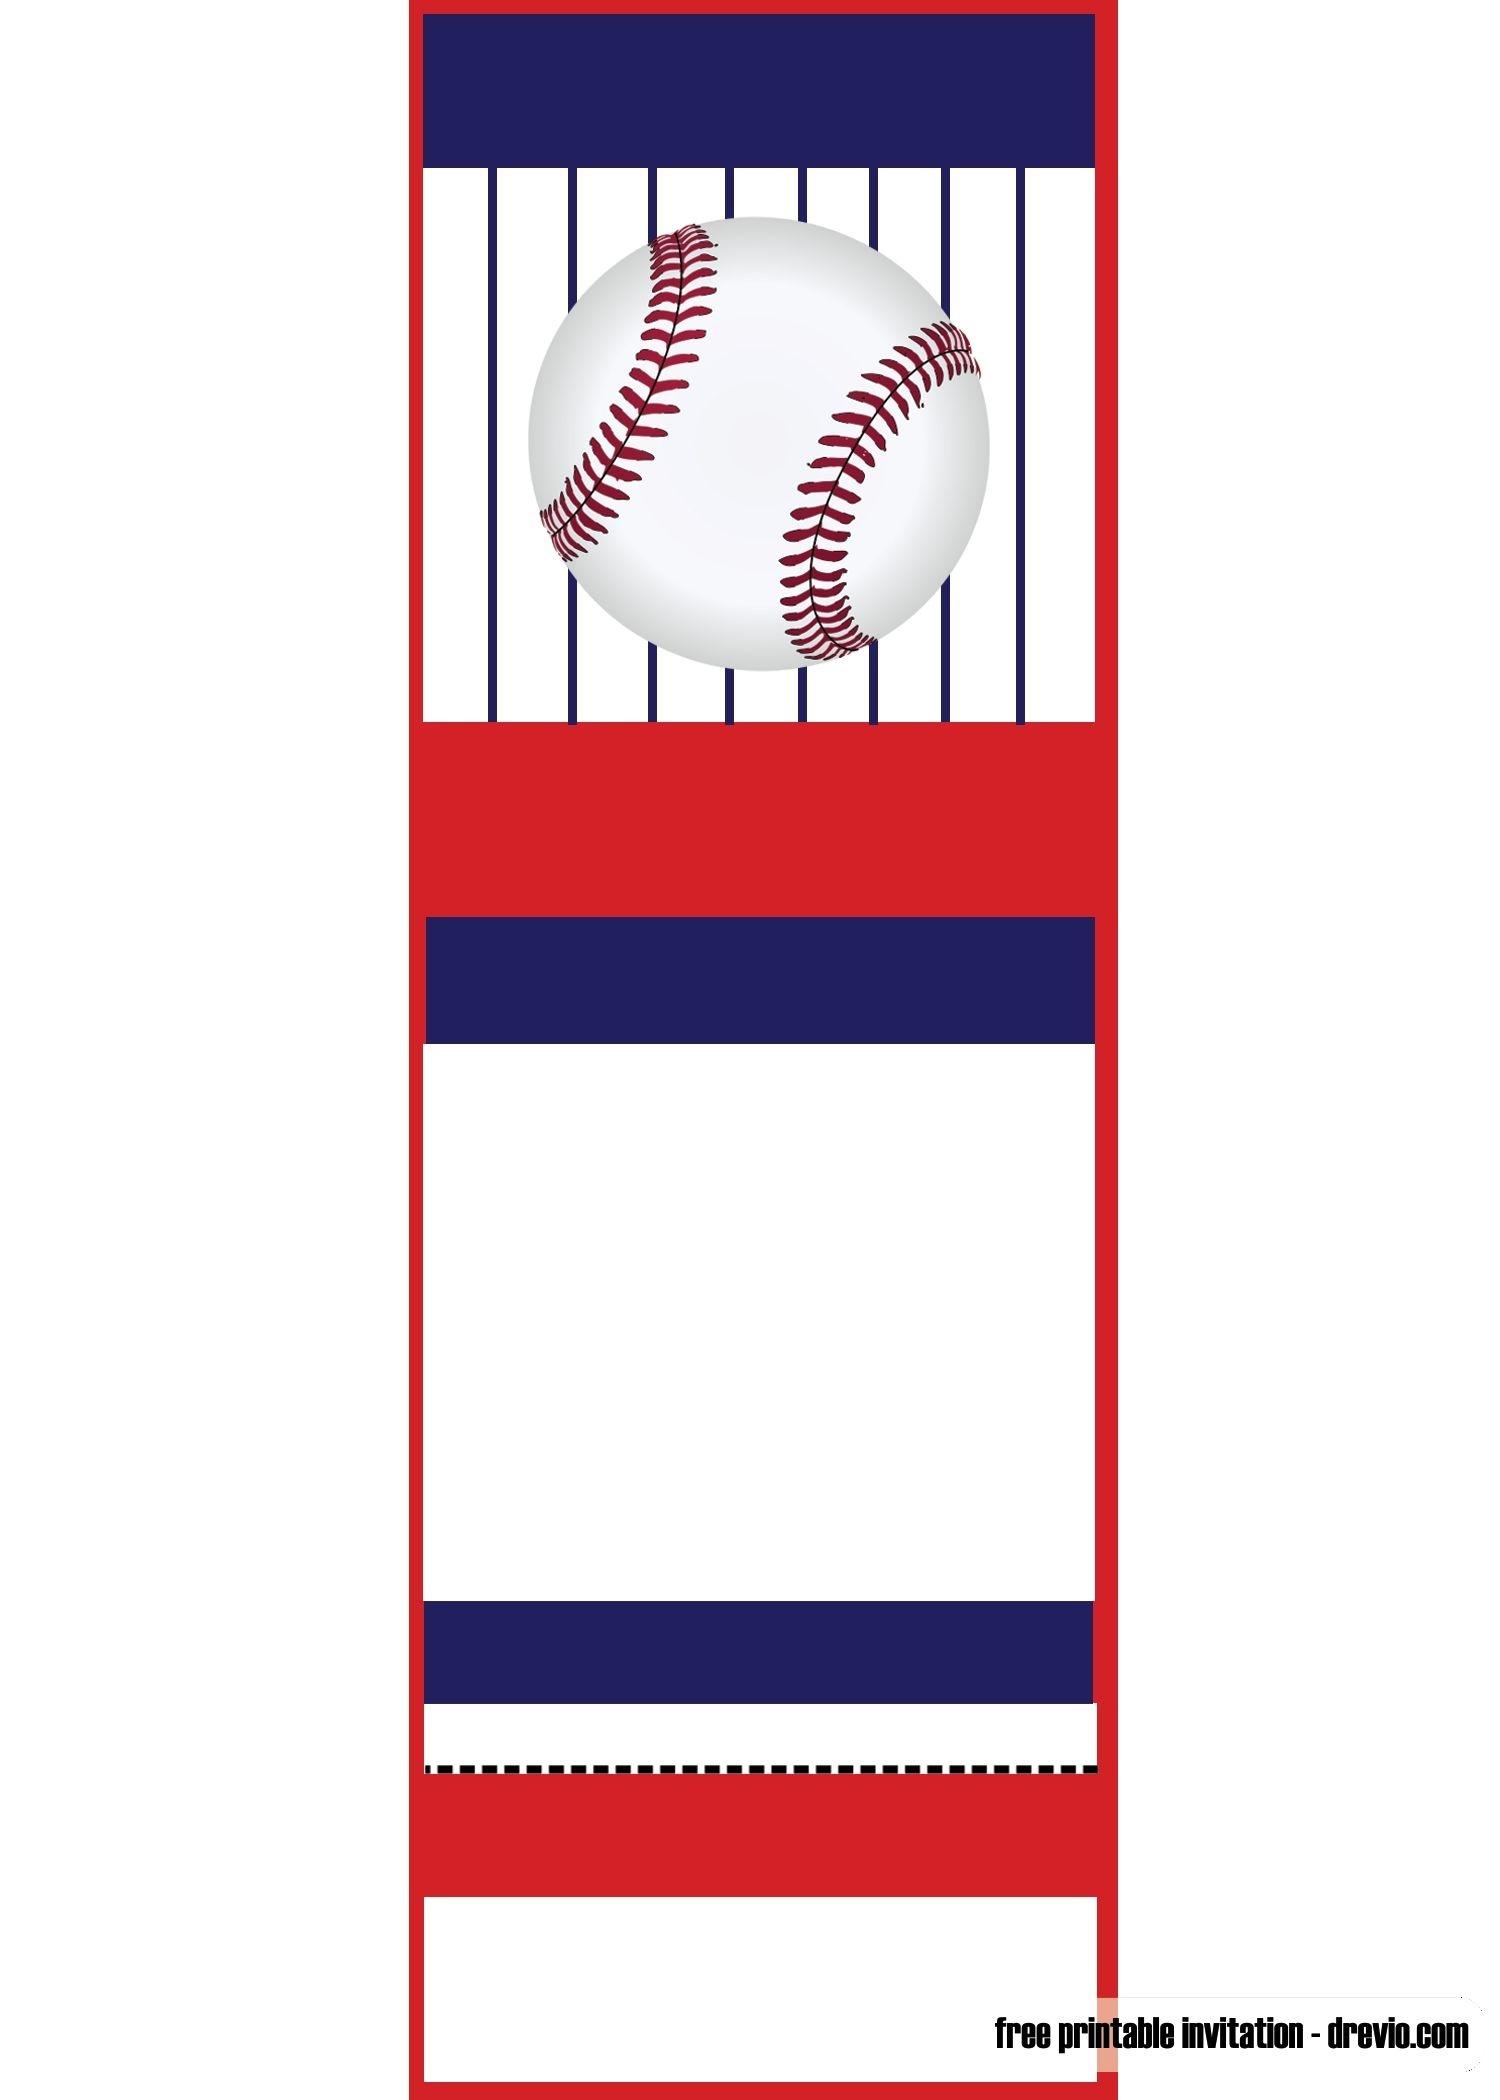 Free Printable Baseball Ticket Invitation Template | Free Printable - Free Printable Baseball Stationery